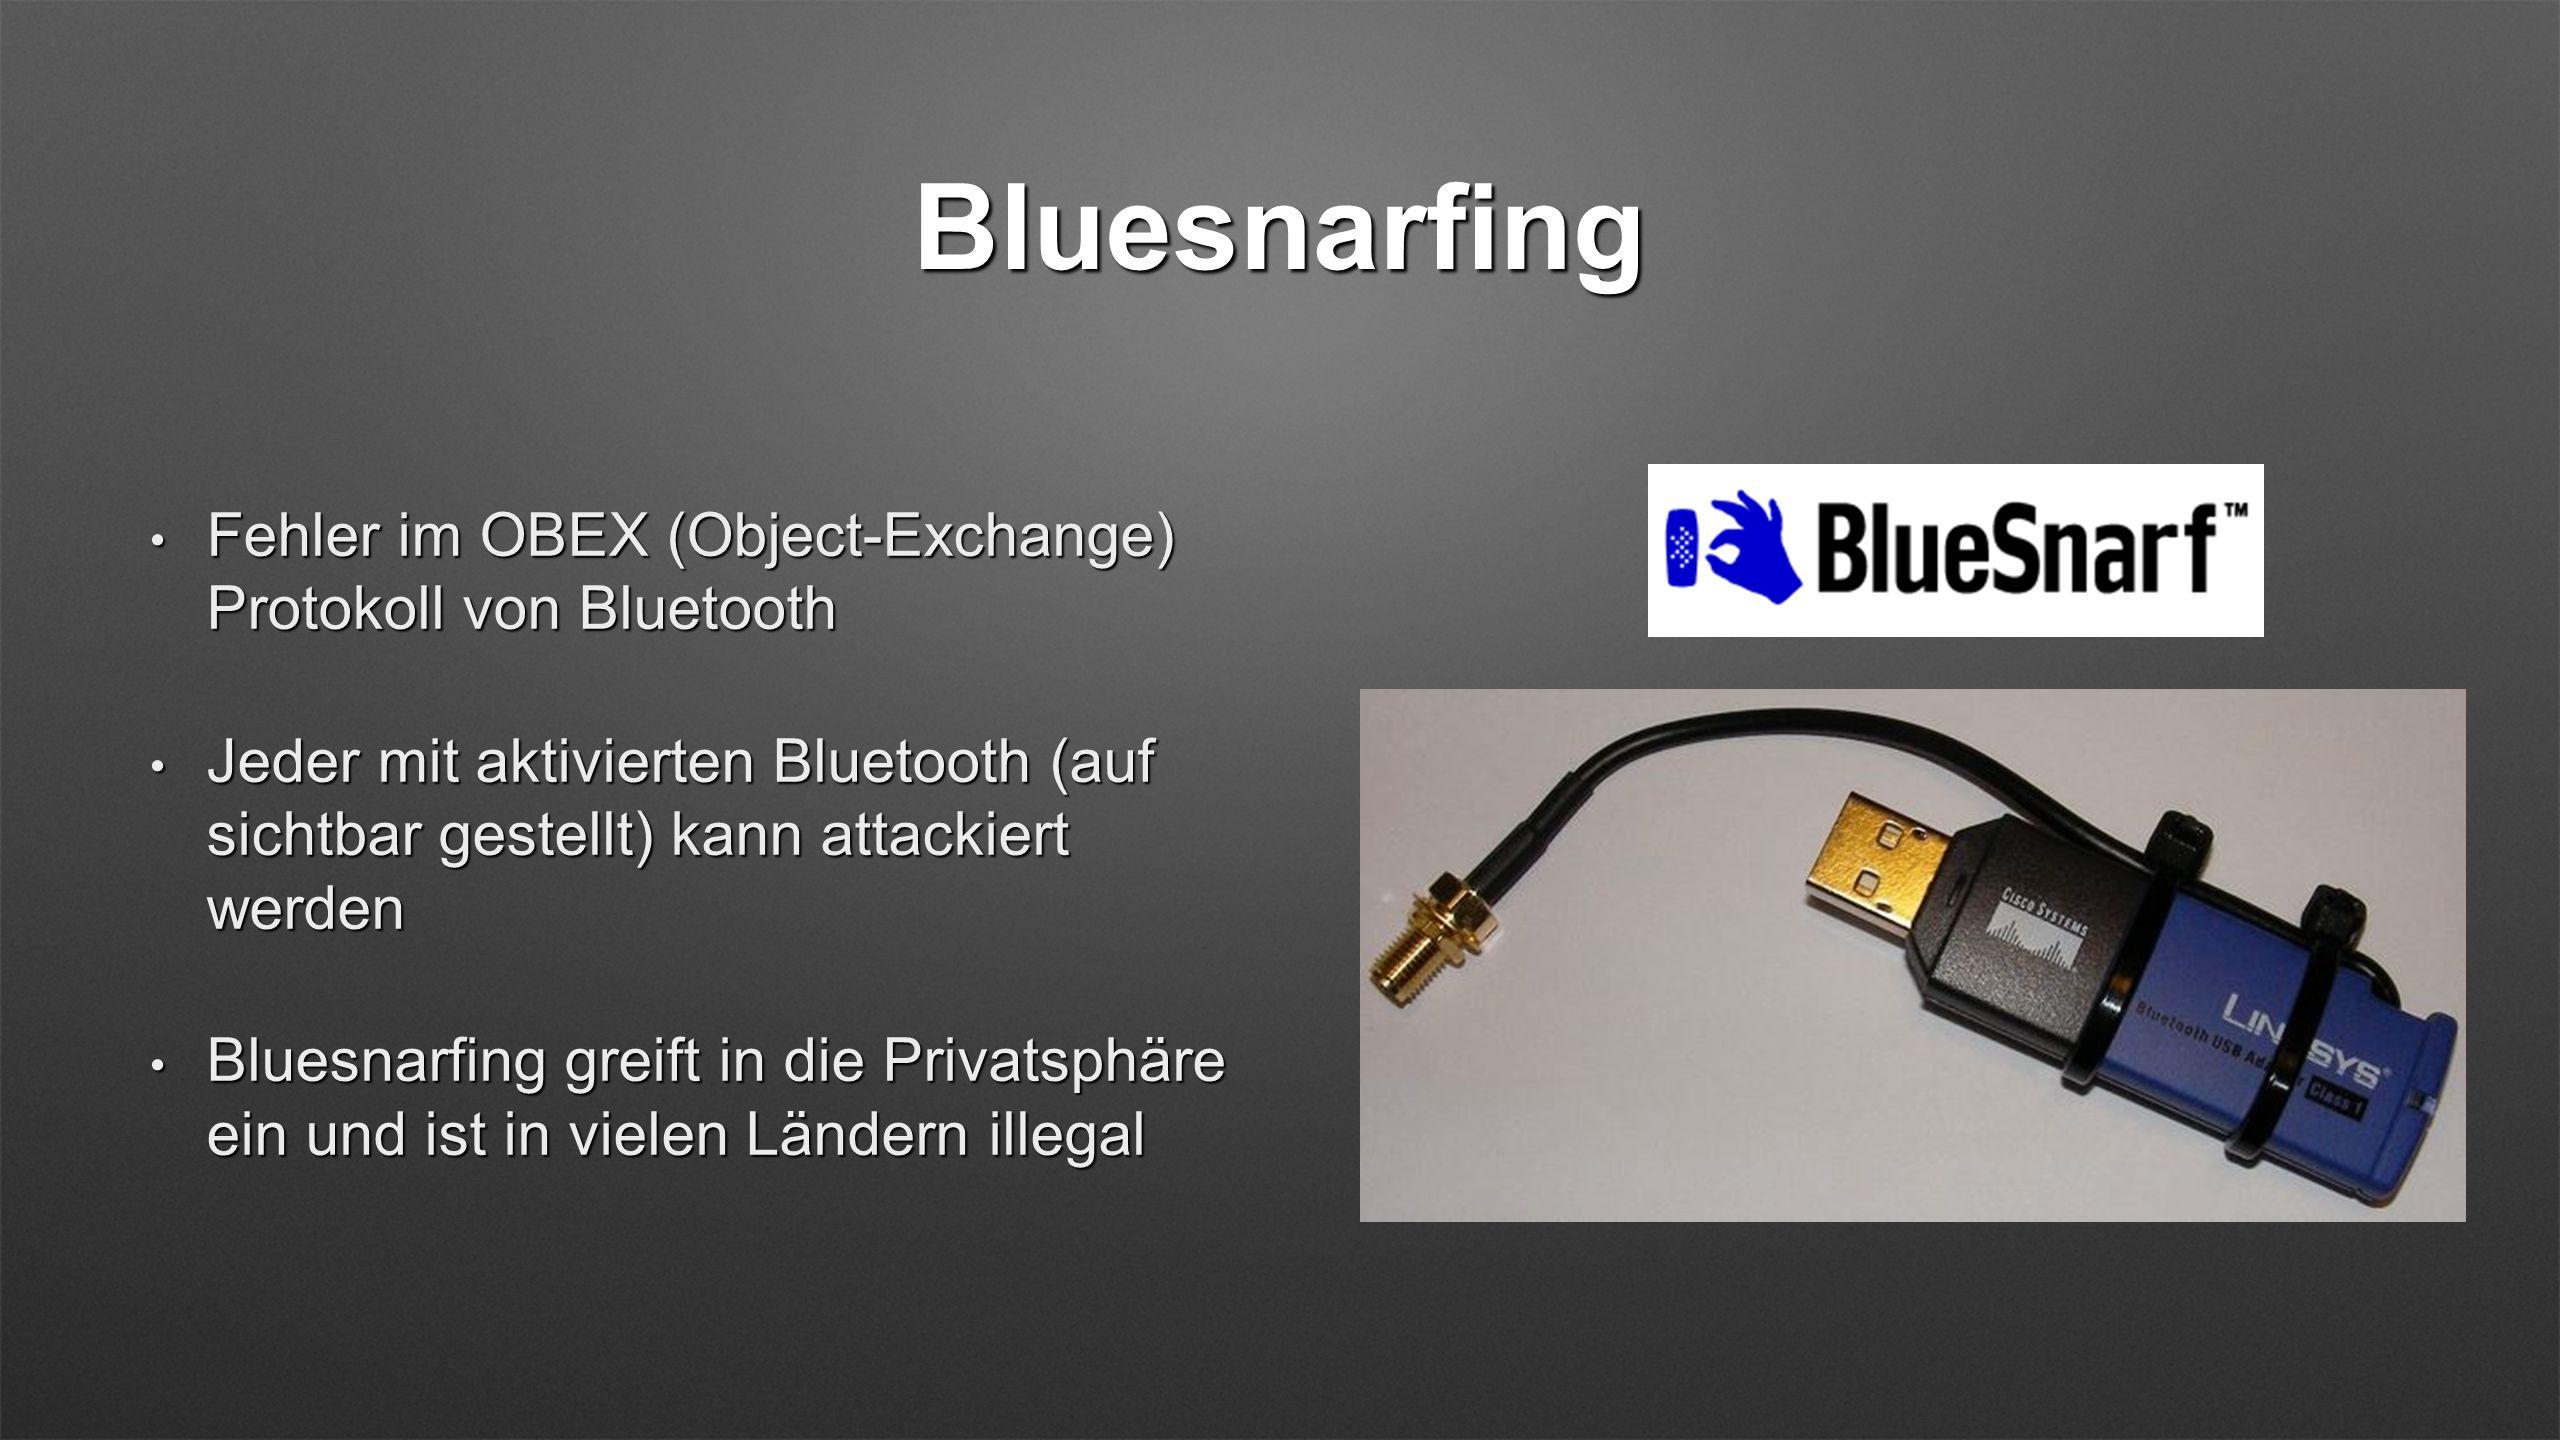 Bluesnarfing Fehler im OBEX (Object-Exchange) Protokoll von Bluetooth Fehler im OBEX (Object-Exchange) Protokoll von Bluetooth Jeder mit aktivierten Bluetooth (auf sichtbar gestellt) kann attackiert werden Jeder mit aktivierten Bluetooth (auf sichtbar gestellt) kann attackiert werden Bluesnarfing greift in die Privatsphäre ein und ist in vielen Ländern illegal Bluesnarfing greift in die Privatsphäre ein und ist in vielen Ländern illegal